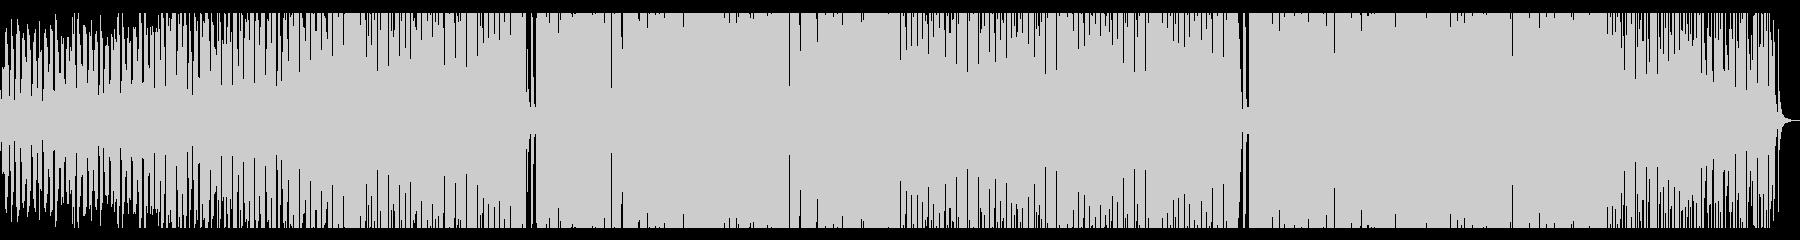 星/エレクトロハウス_No377の未再生の波形